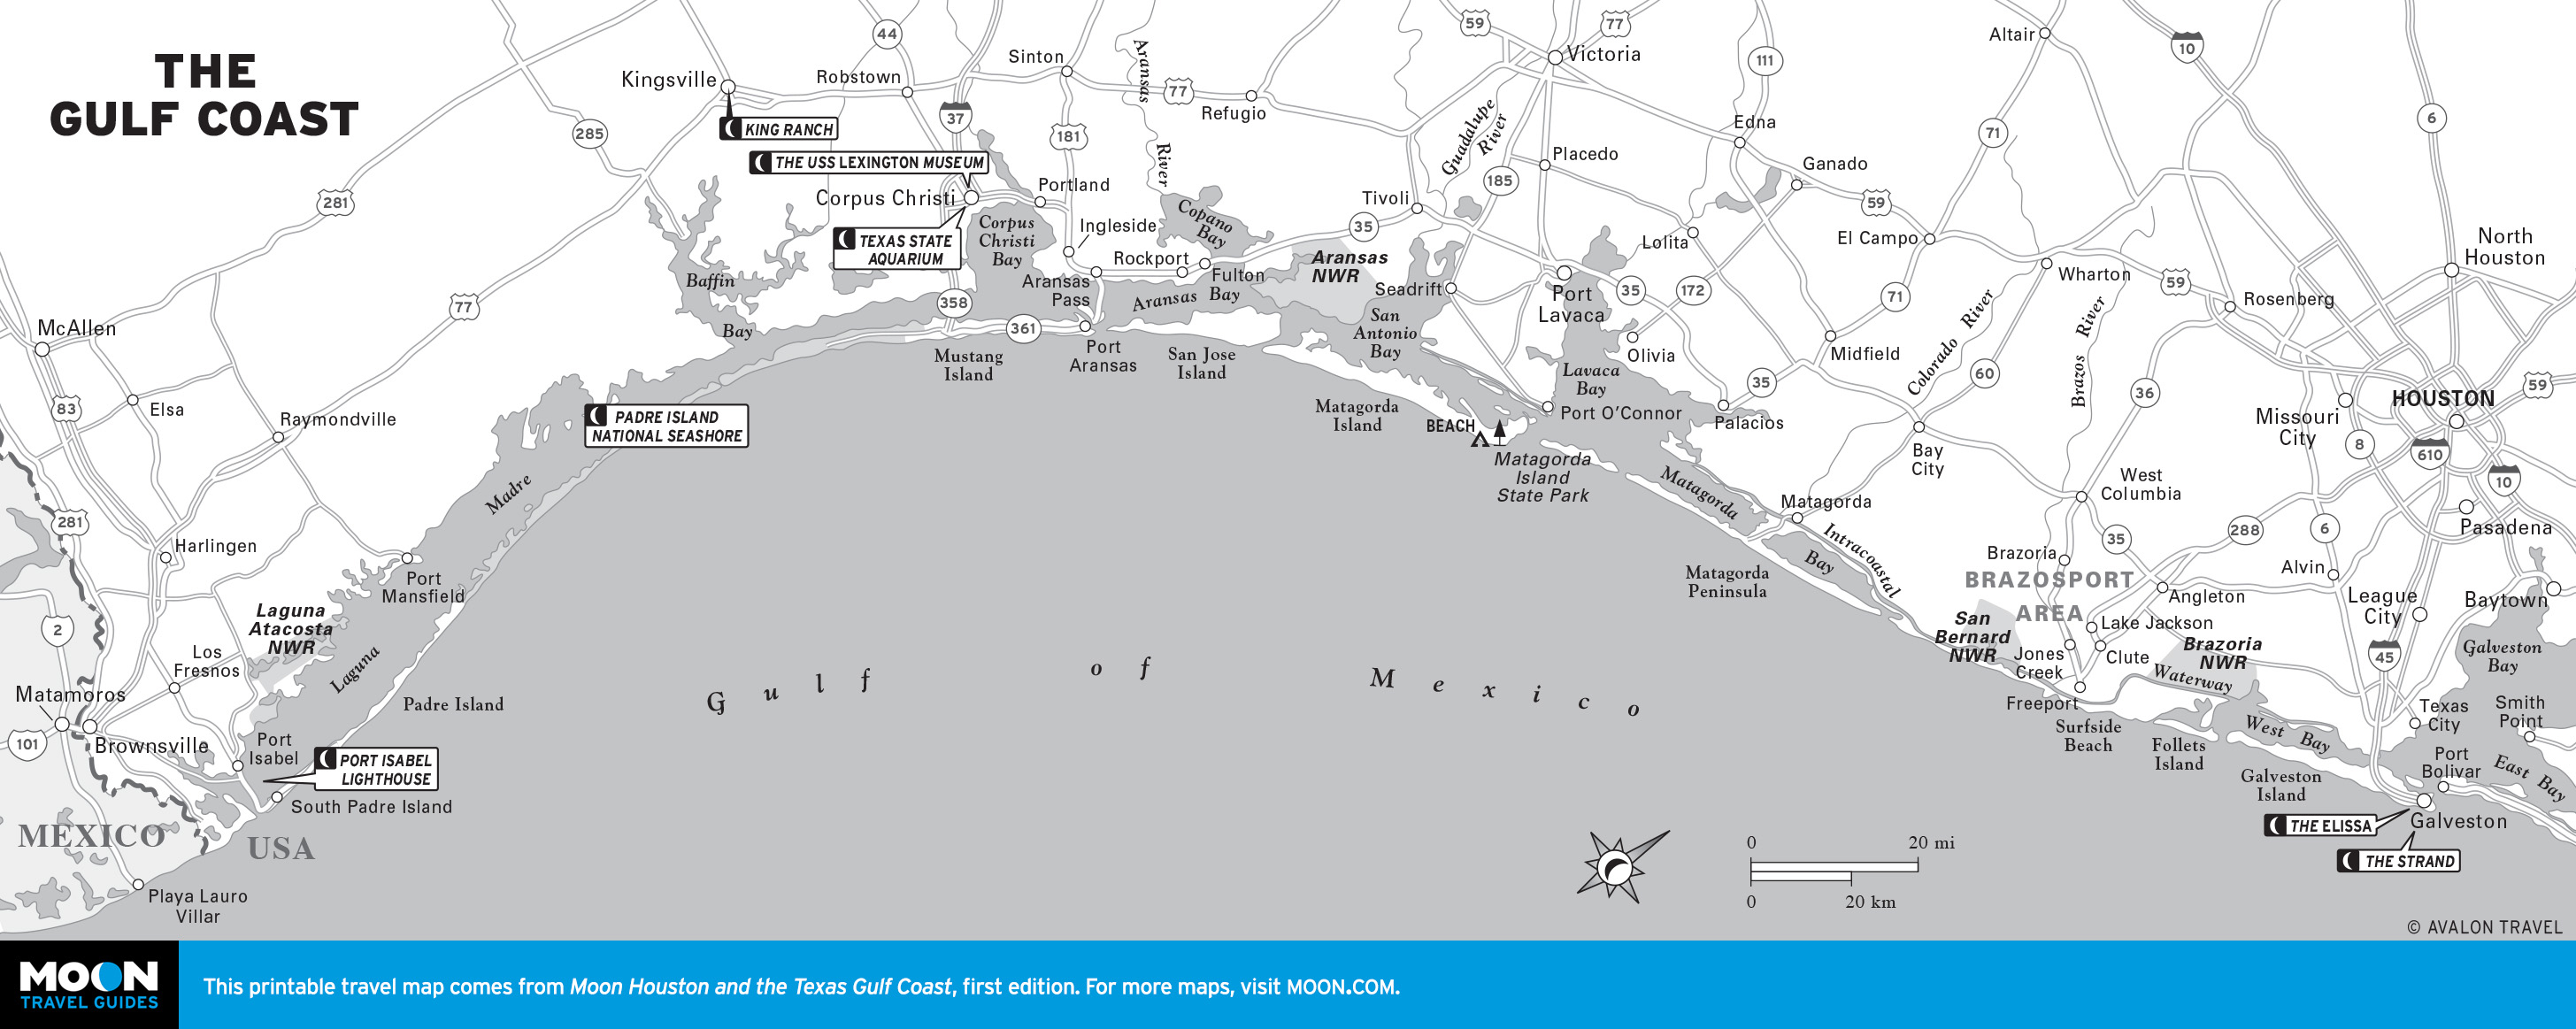 Map Of Texas Gulf Coast Beaches | Business Ideas 2013 - Texas Beaches Map